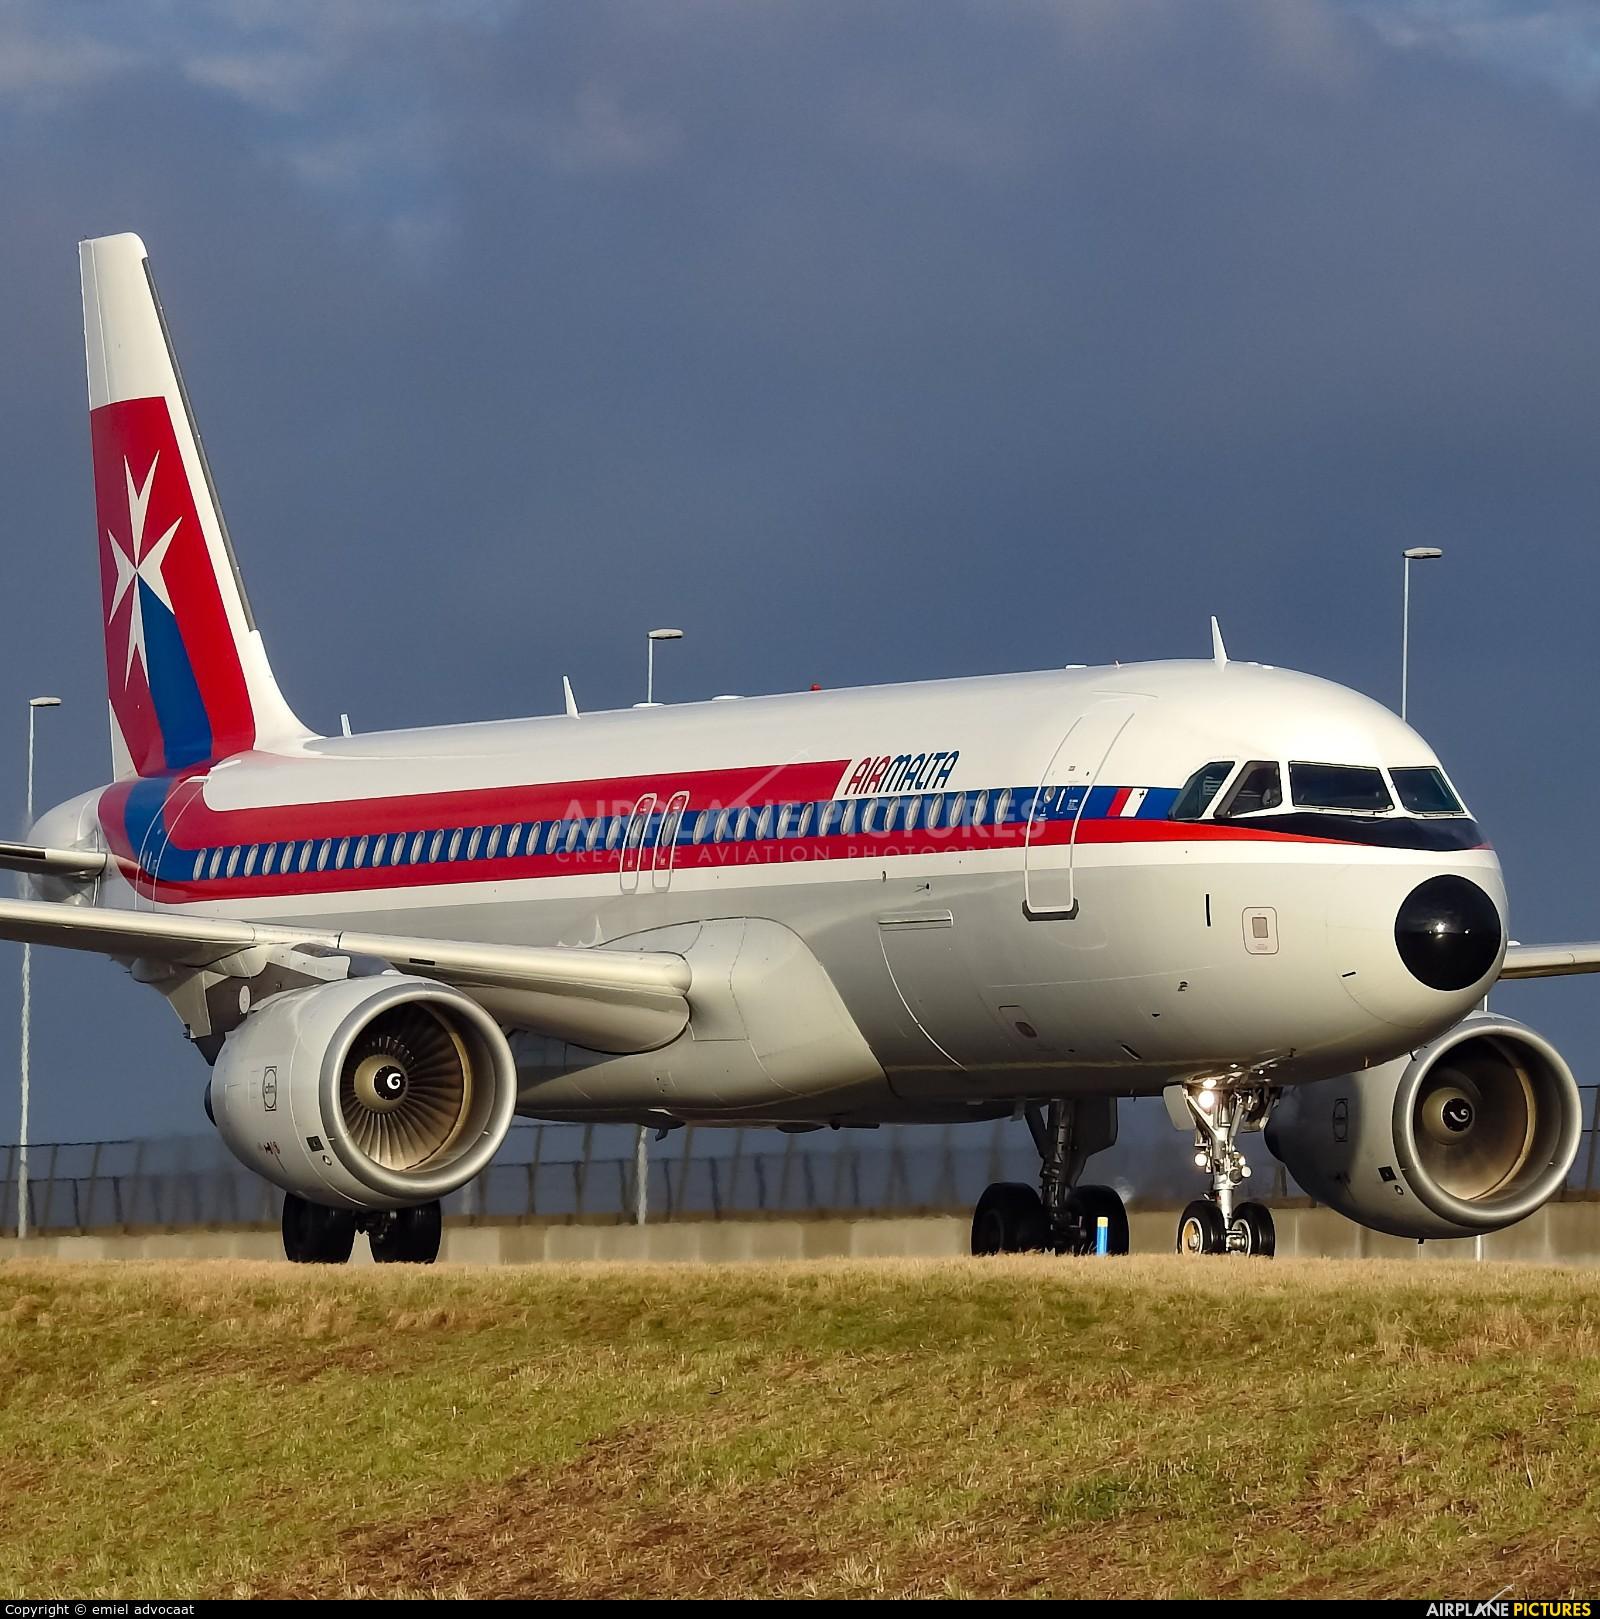 Air Malta 9H-AEI aircraft at Amsterdam - Schiphol